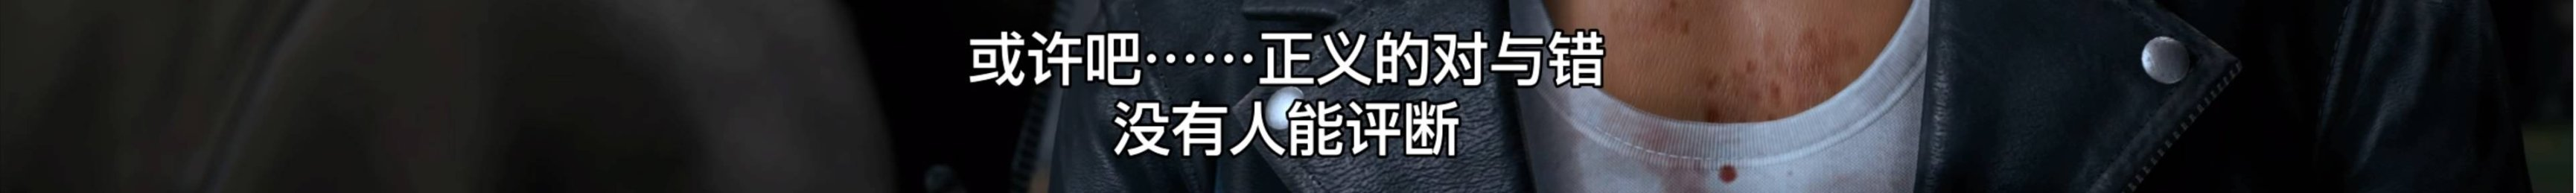 """《审判之逝:湮灭的记忆》——再度直面人性的""""善恶""""插图19"""